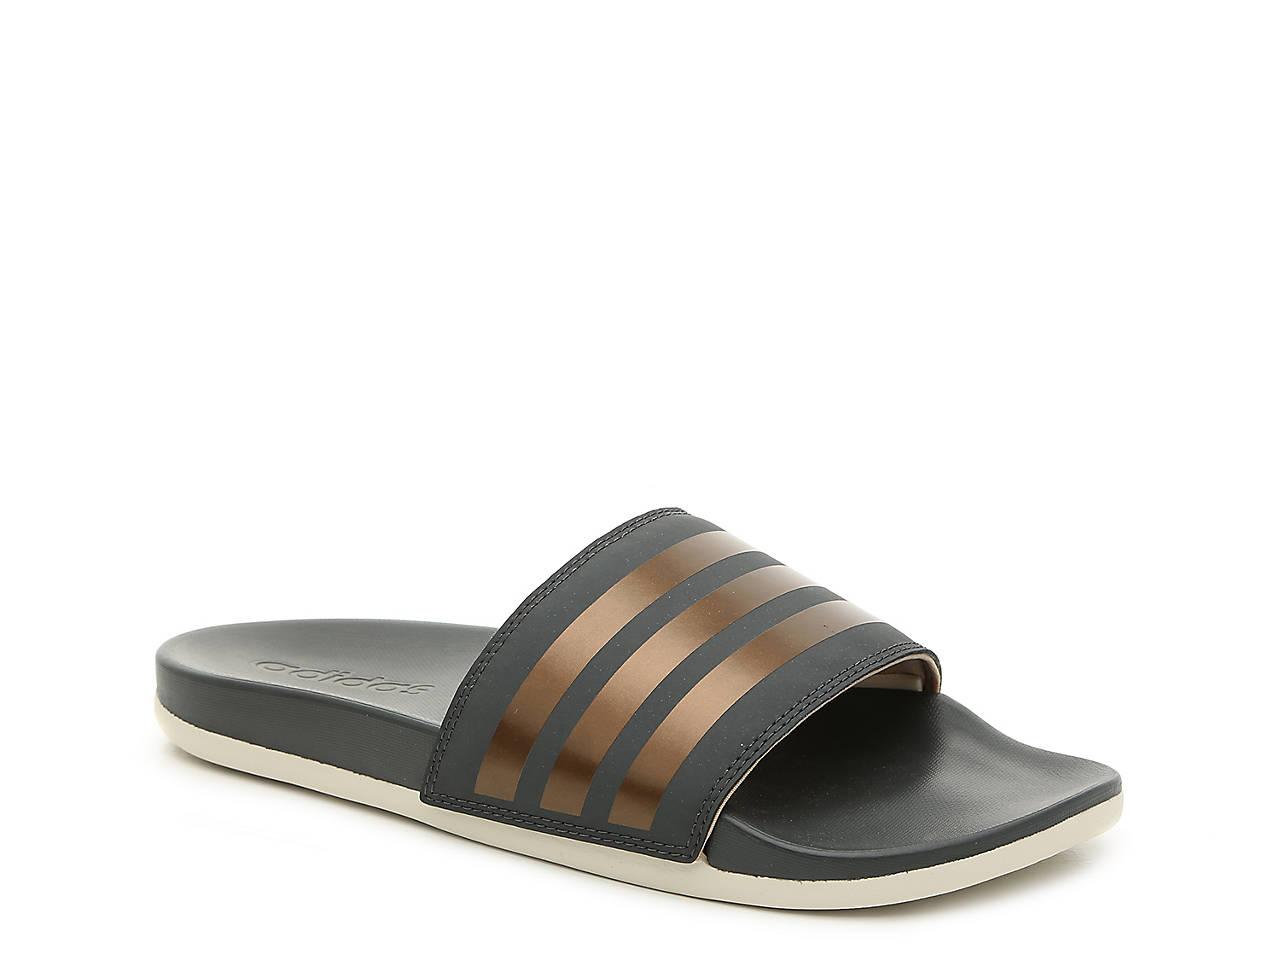 311aae25456 adidas Adilette CloudFoam Ultra Slide Sandal - Women s Women s Shoes ...